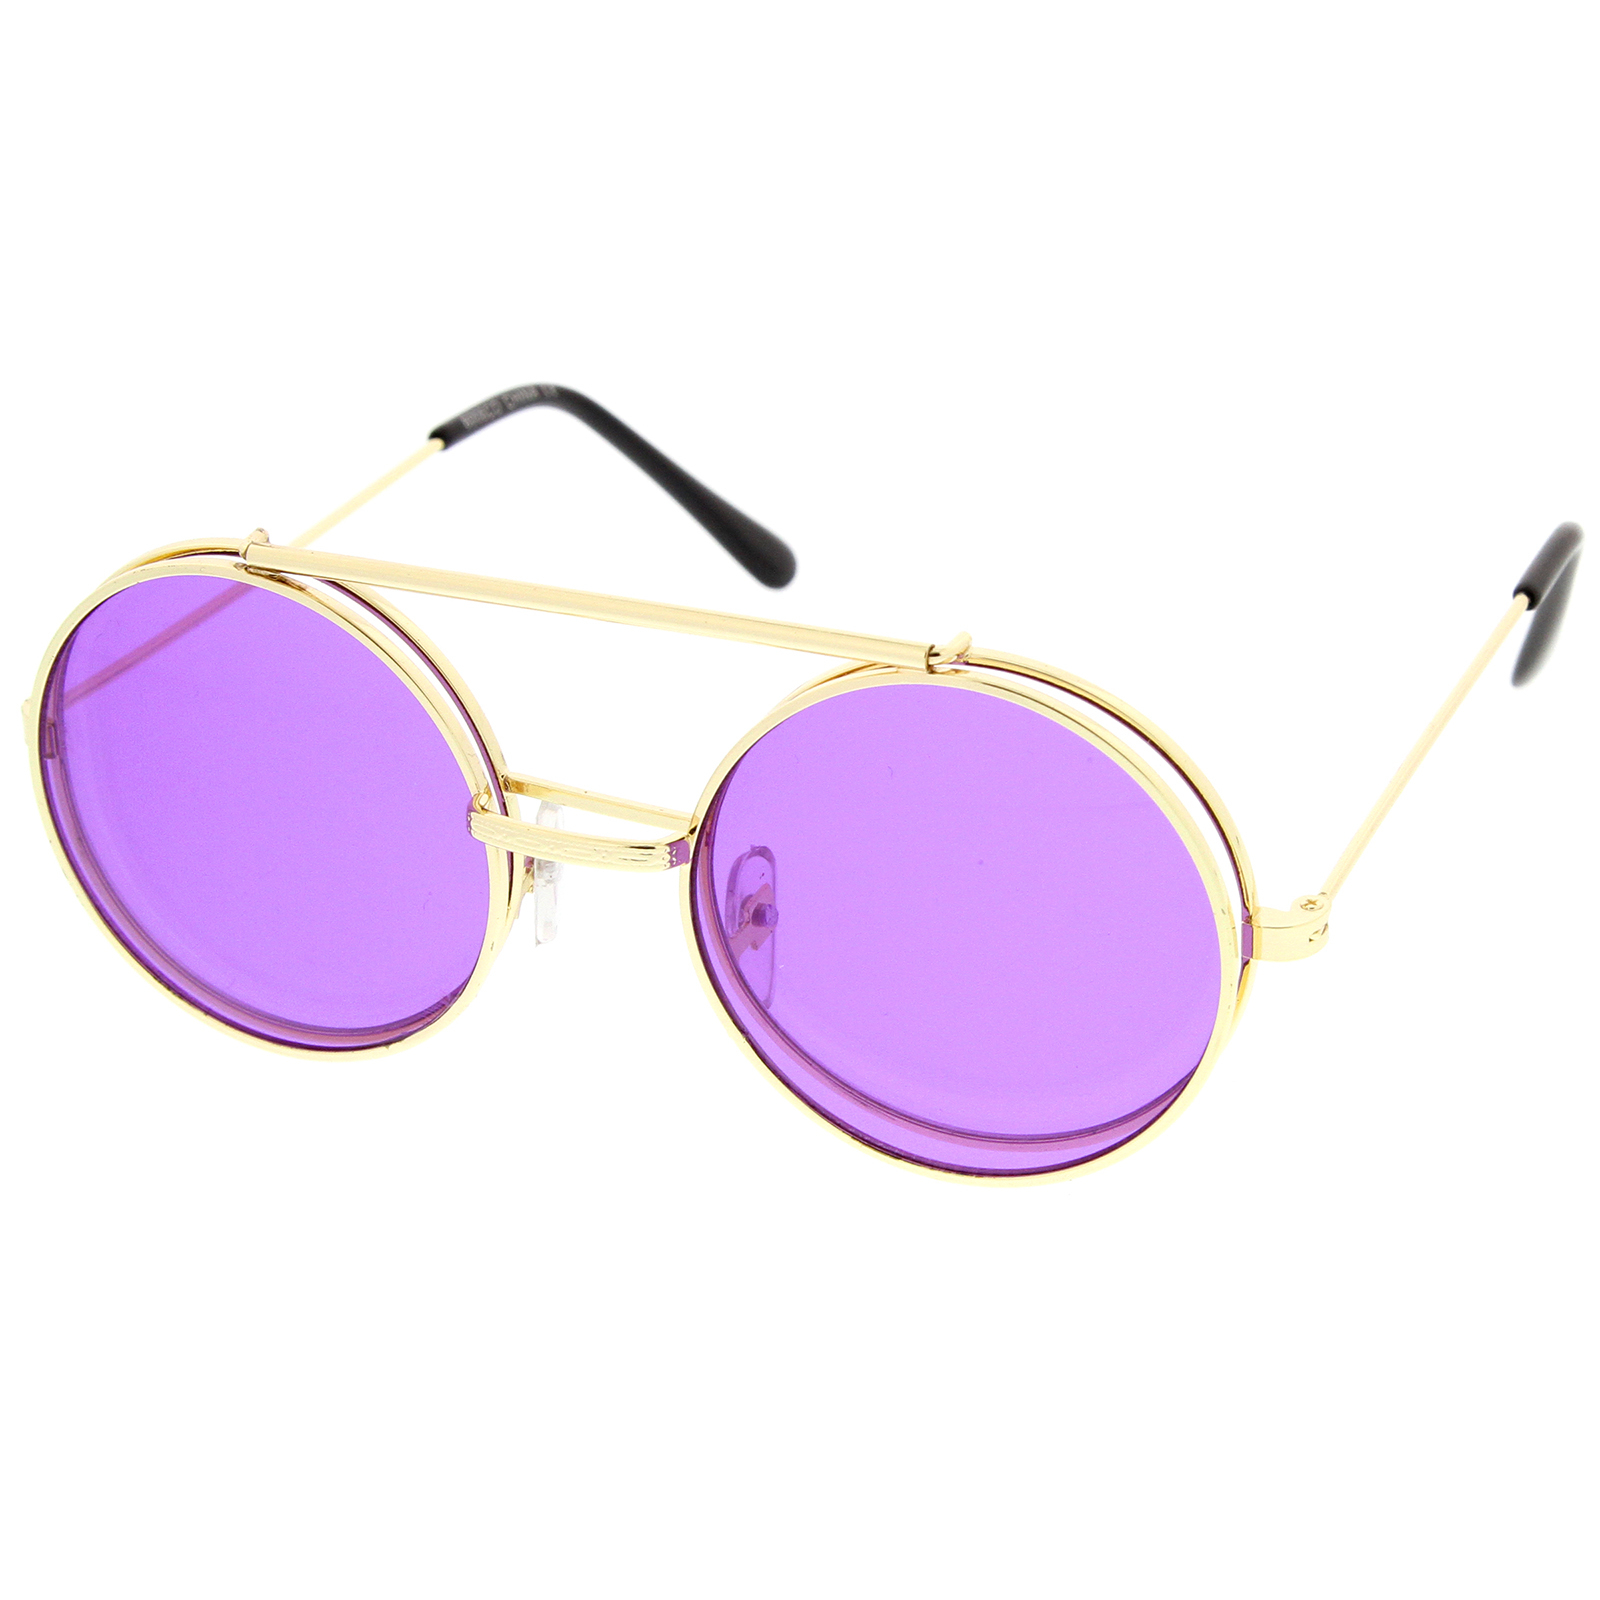 8a31e9bbde3 sunglassLA - Mid Size Flip-Up Colored Lens Round Django Sunglasses 49mm -  Walmart.com